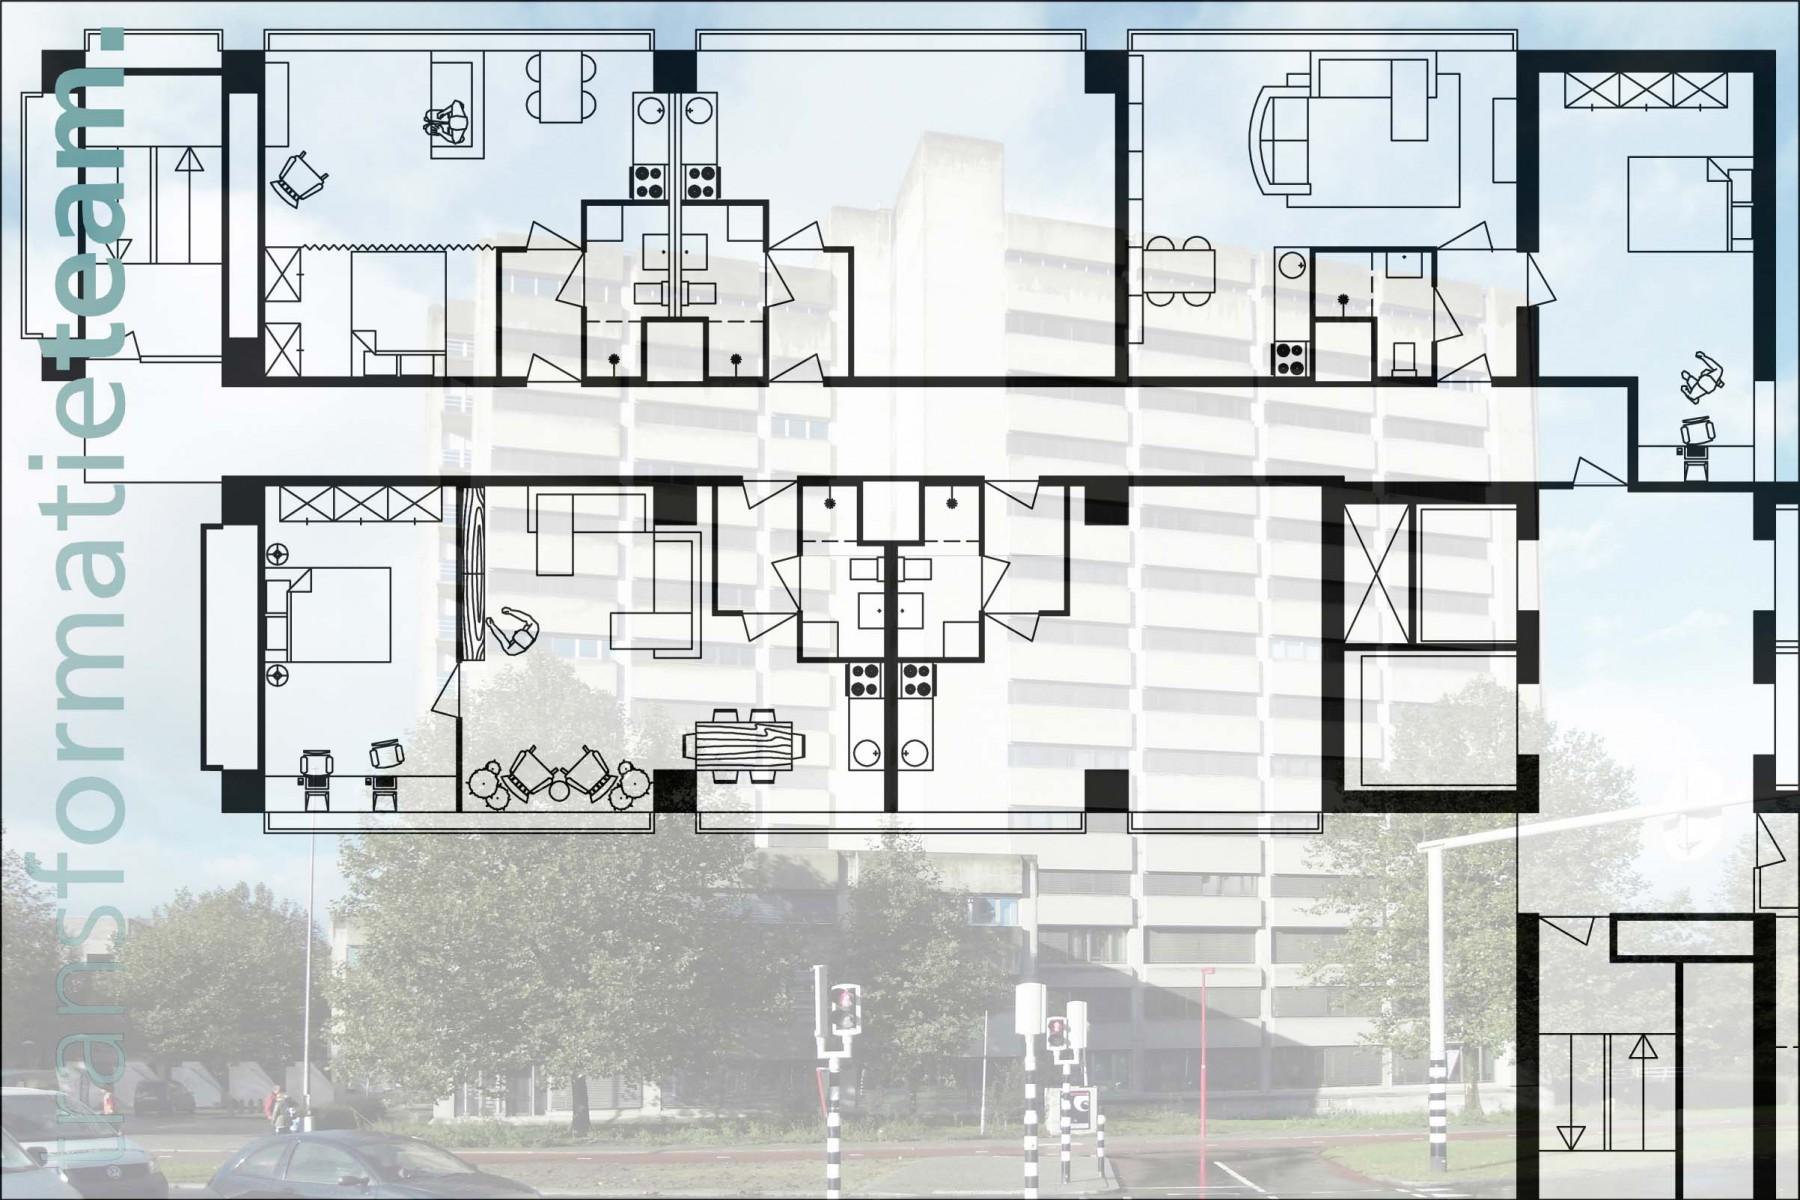 Utrecht, Gerbrandystraat, 244 studio's, restaurant en vergaderruimtes